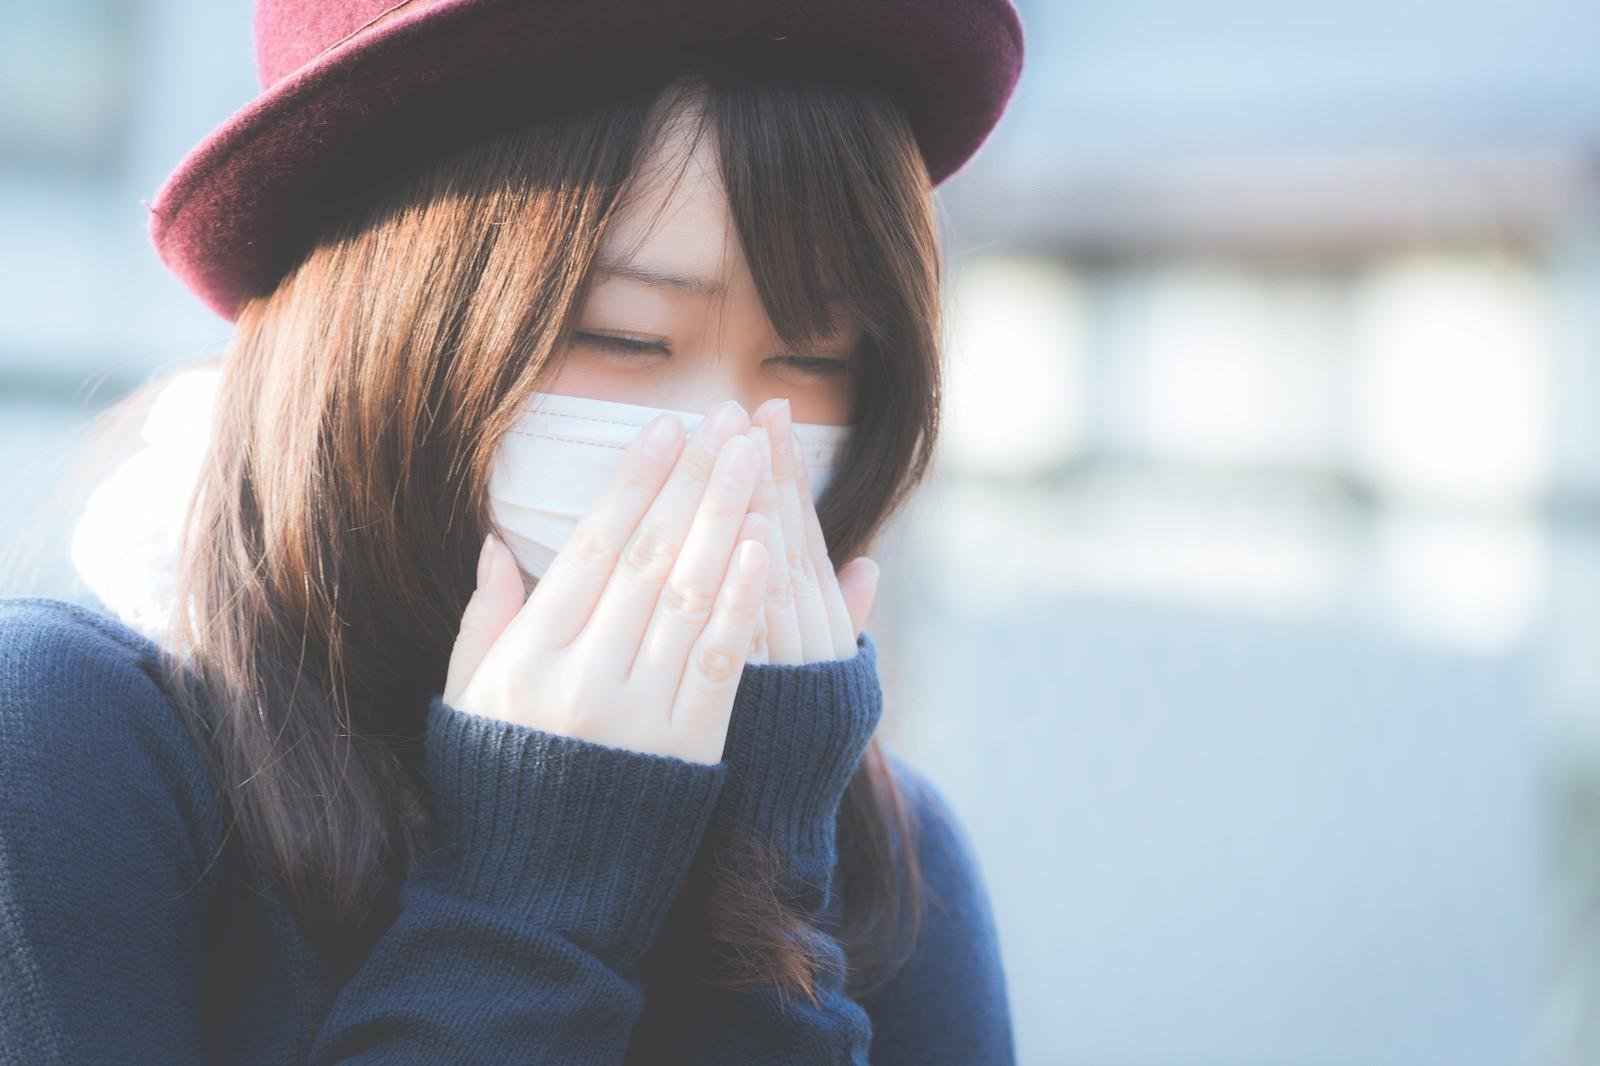 妊娠中鼻血が頻繁に出るので貧血もあり心配に【体験談】